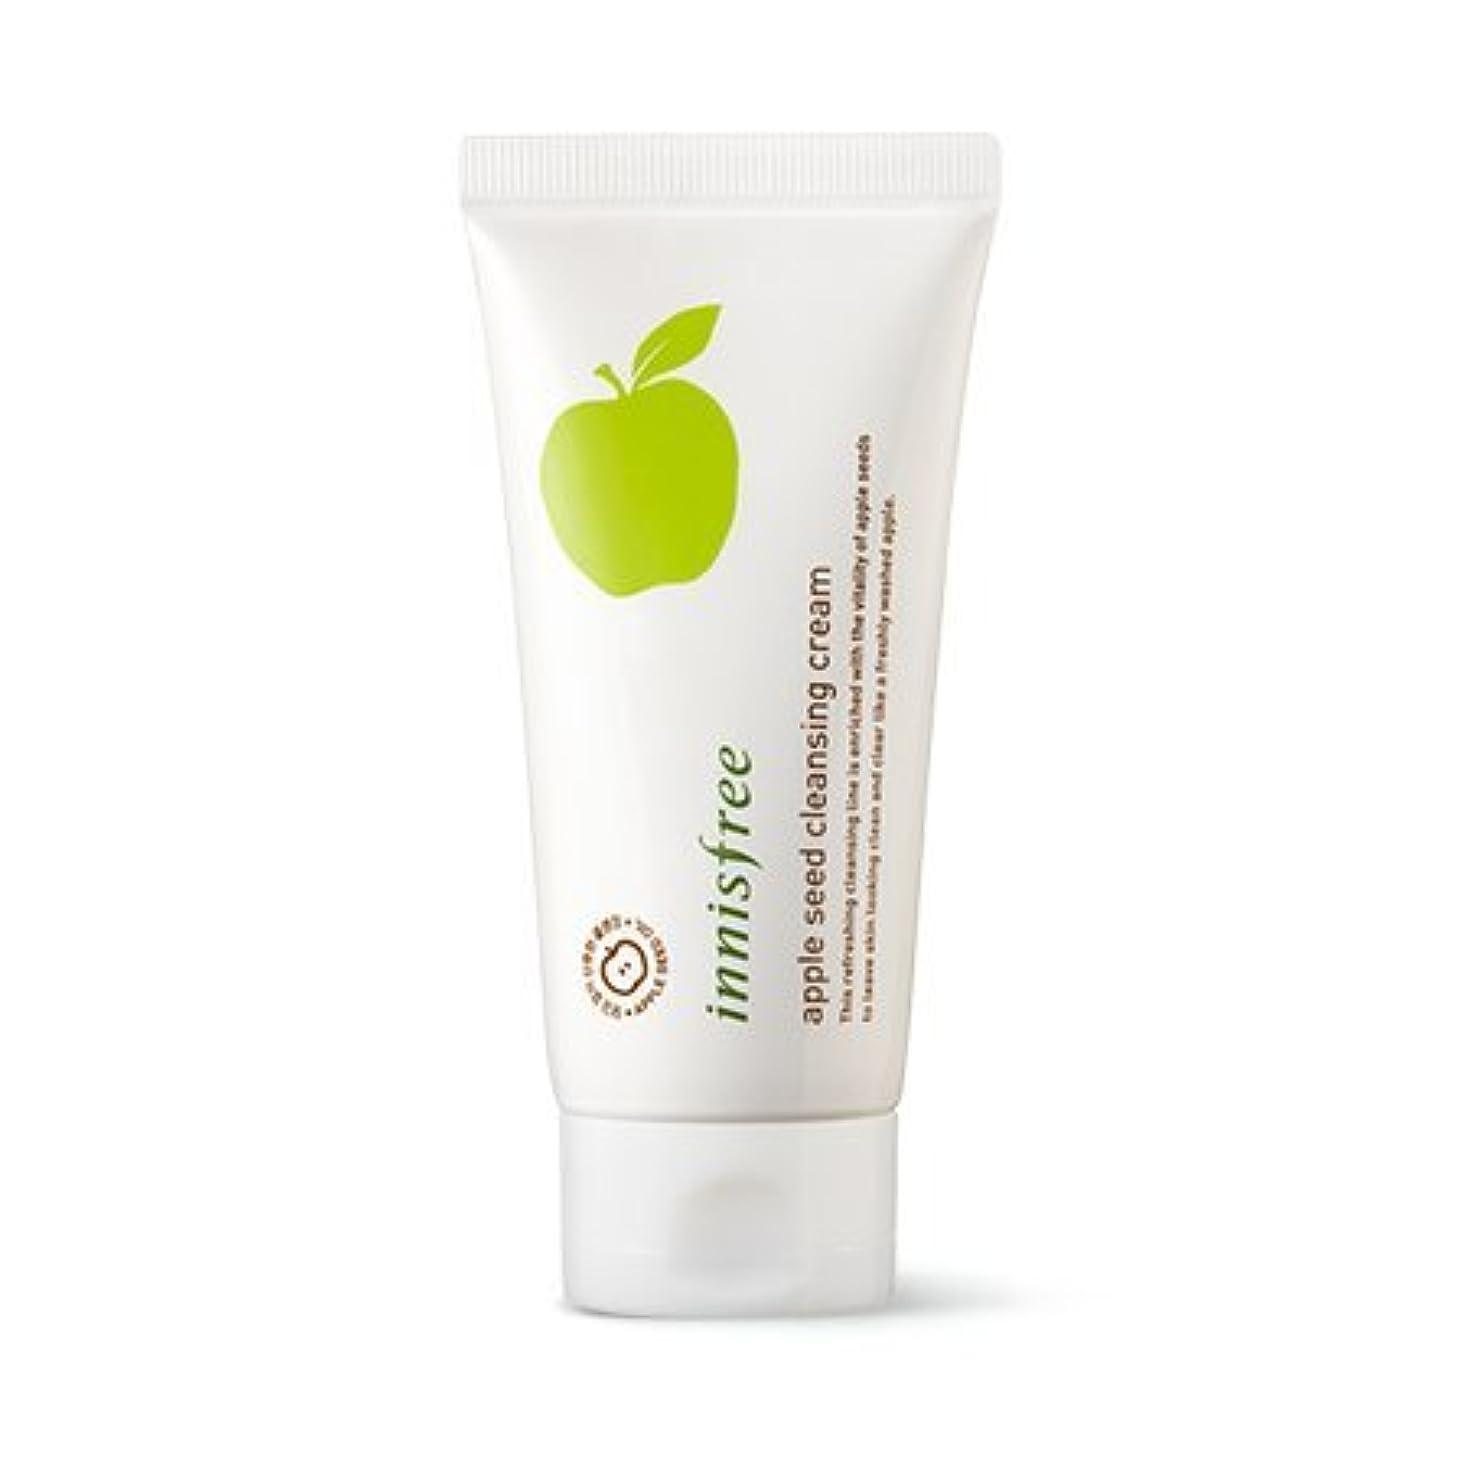 セレナご飯アプト[New] innisfree Apple Seed Cleansing Cream 150ml/イニスフリー アップル シード クレンジング クリーム 150ml